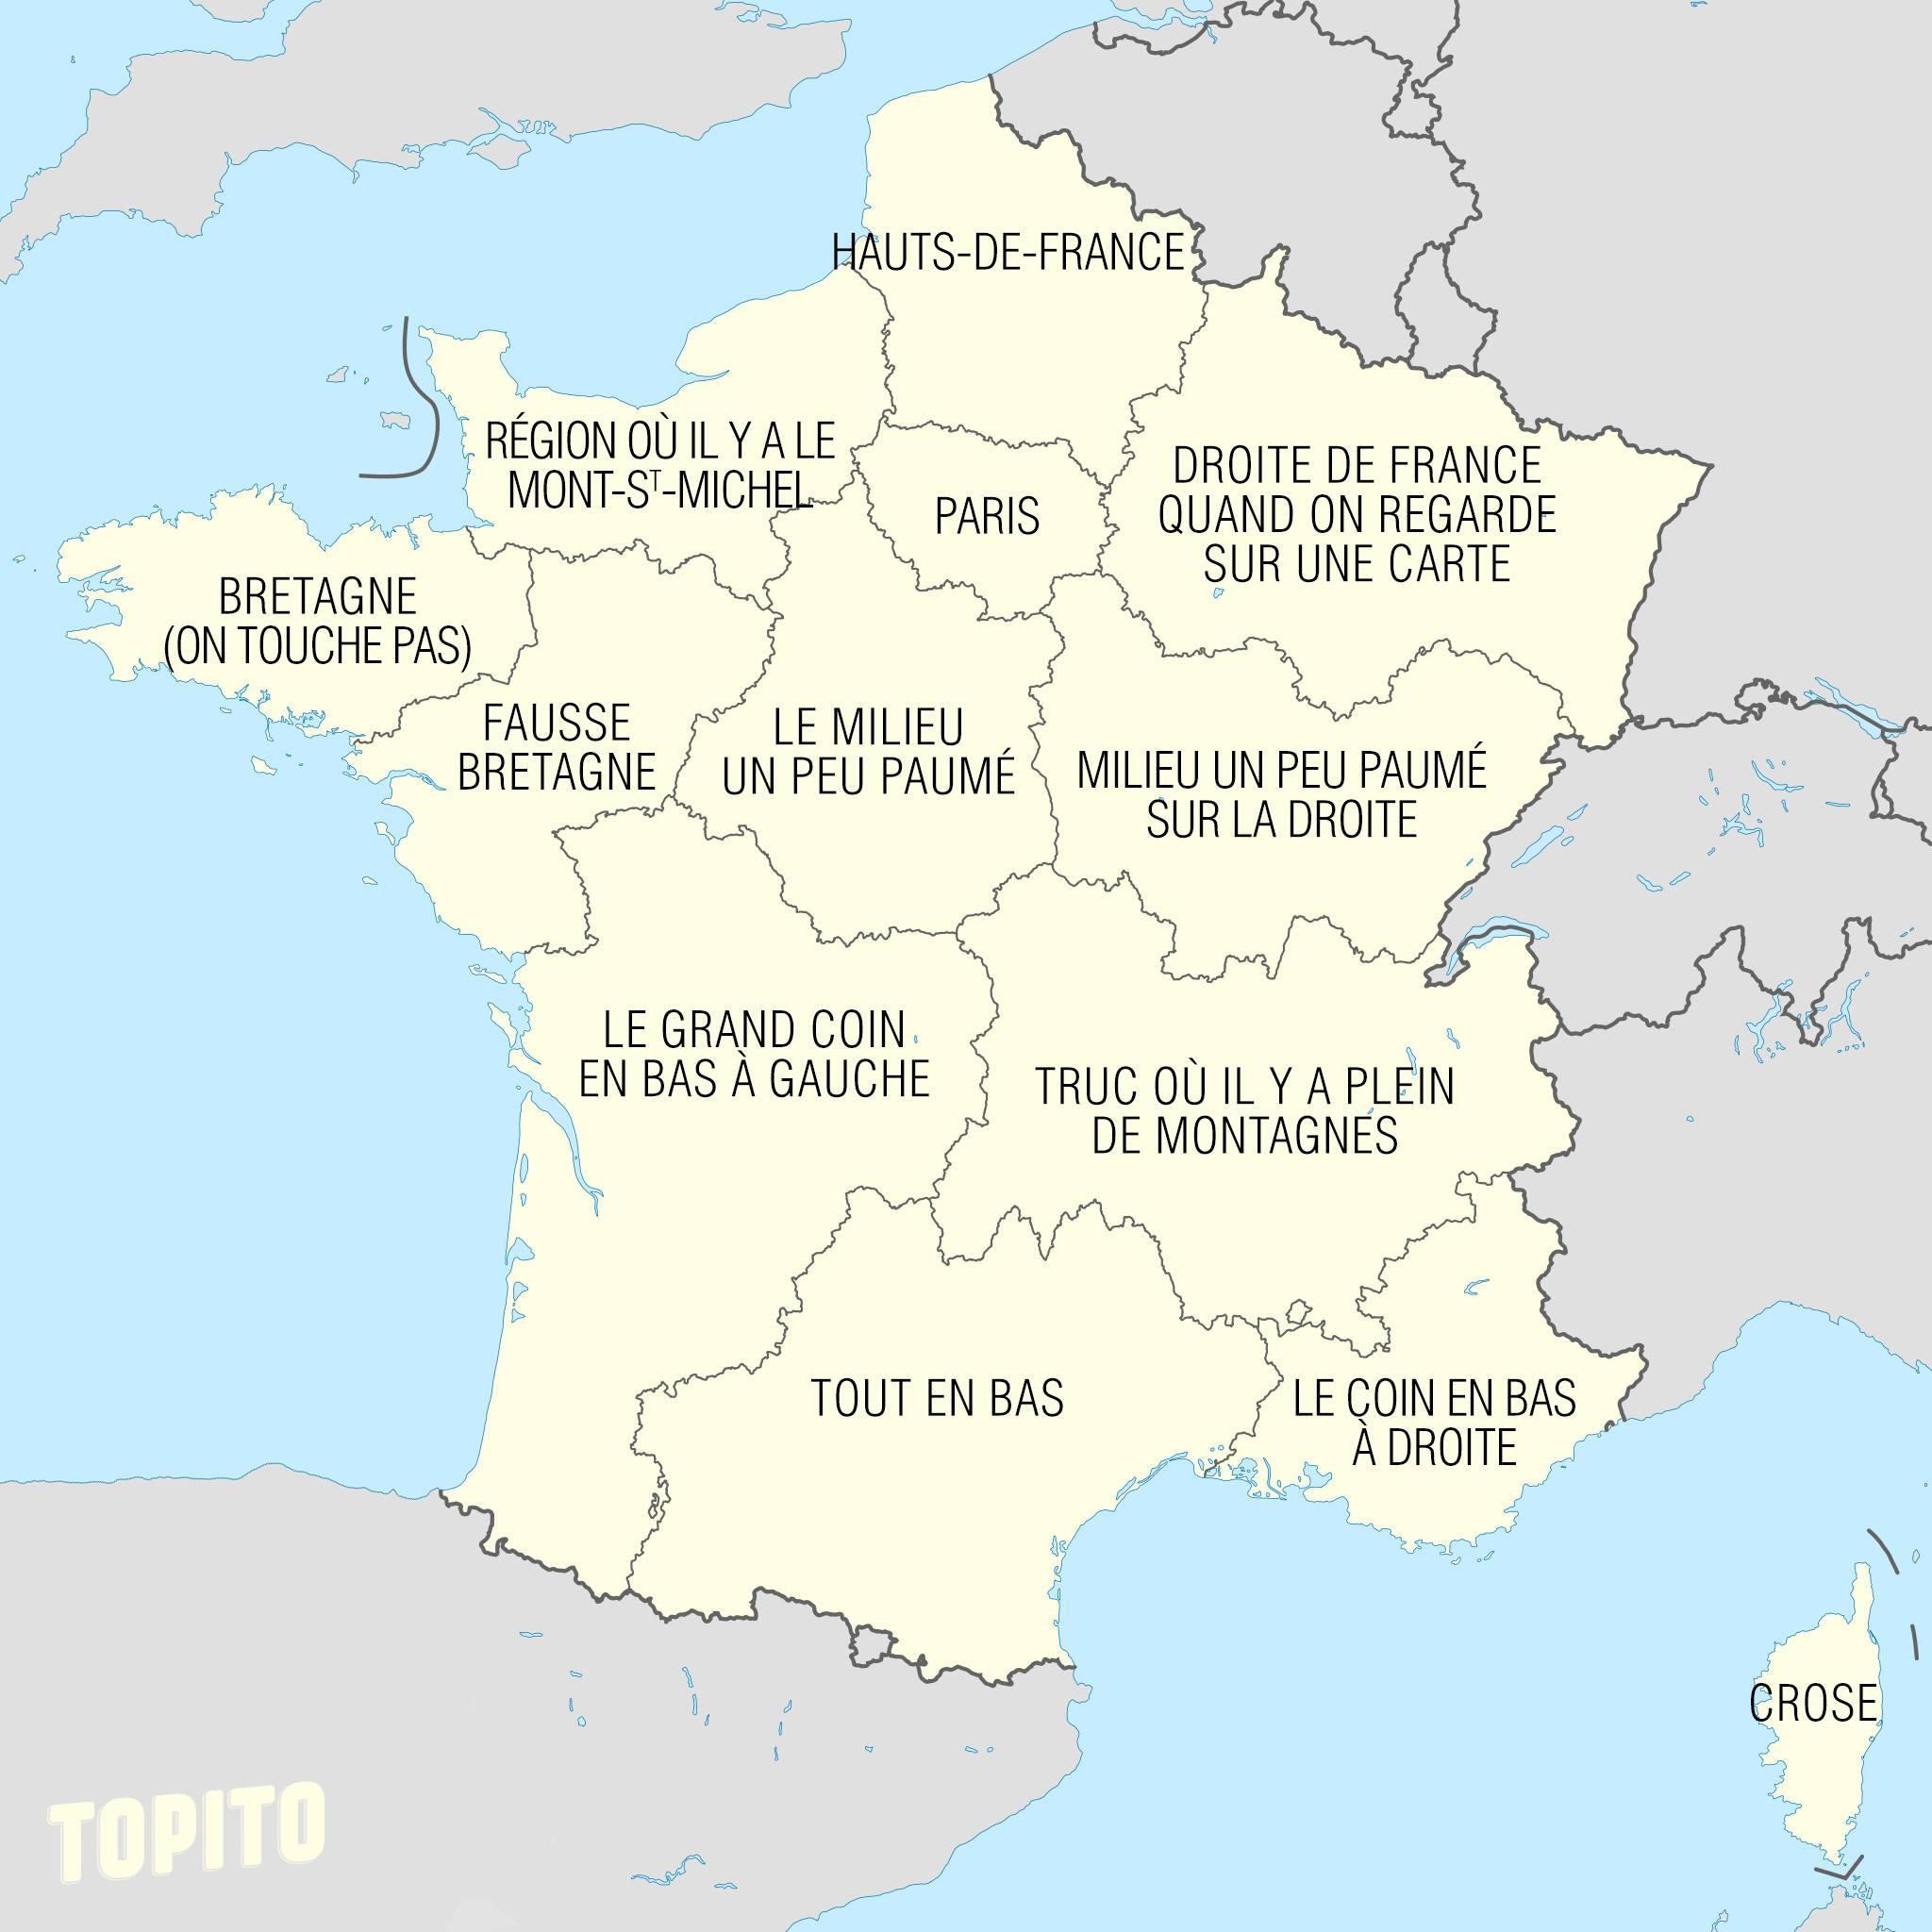 Nouvelles Régions De France! - Délit D'im@ges concernant Nouvelles Régions De France